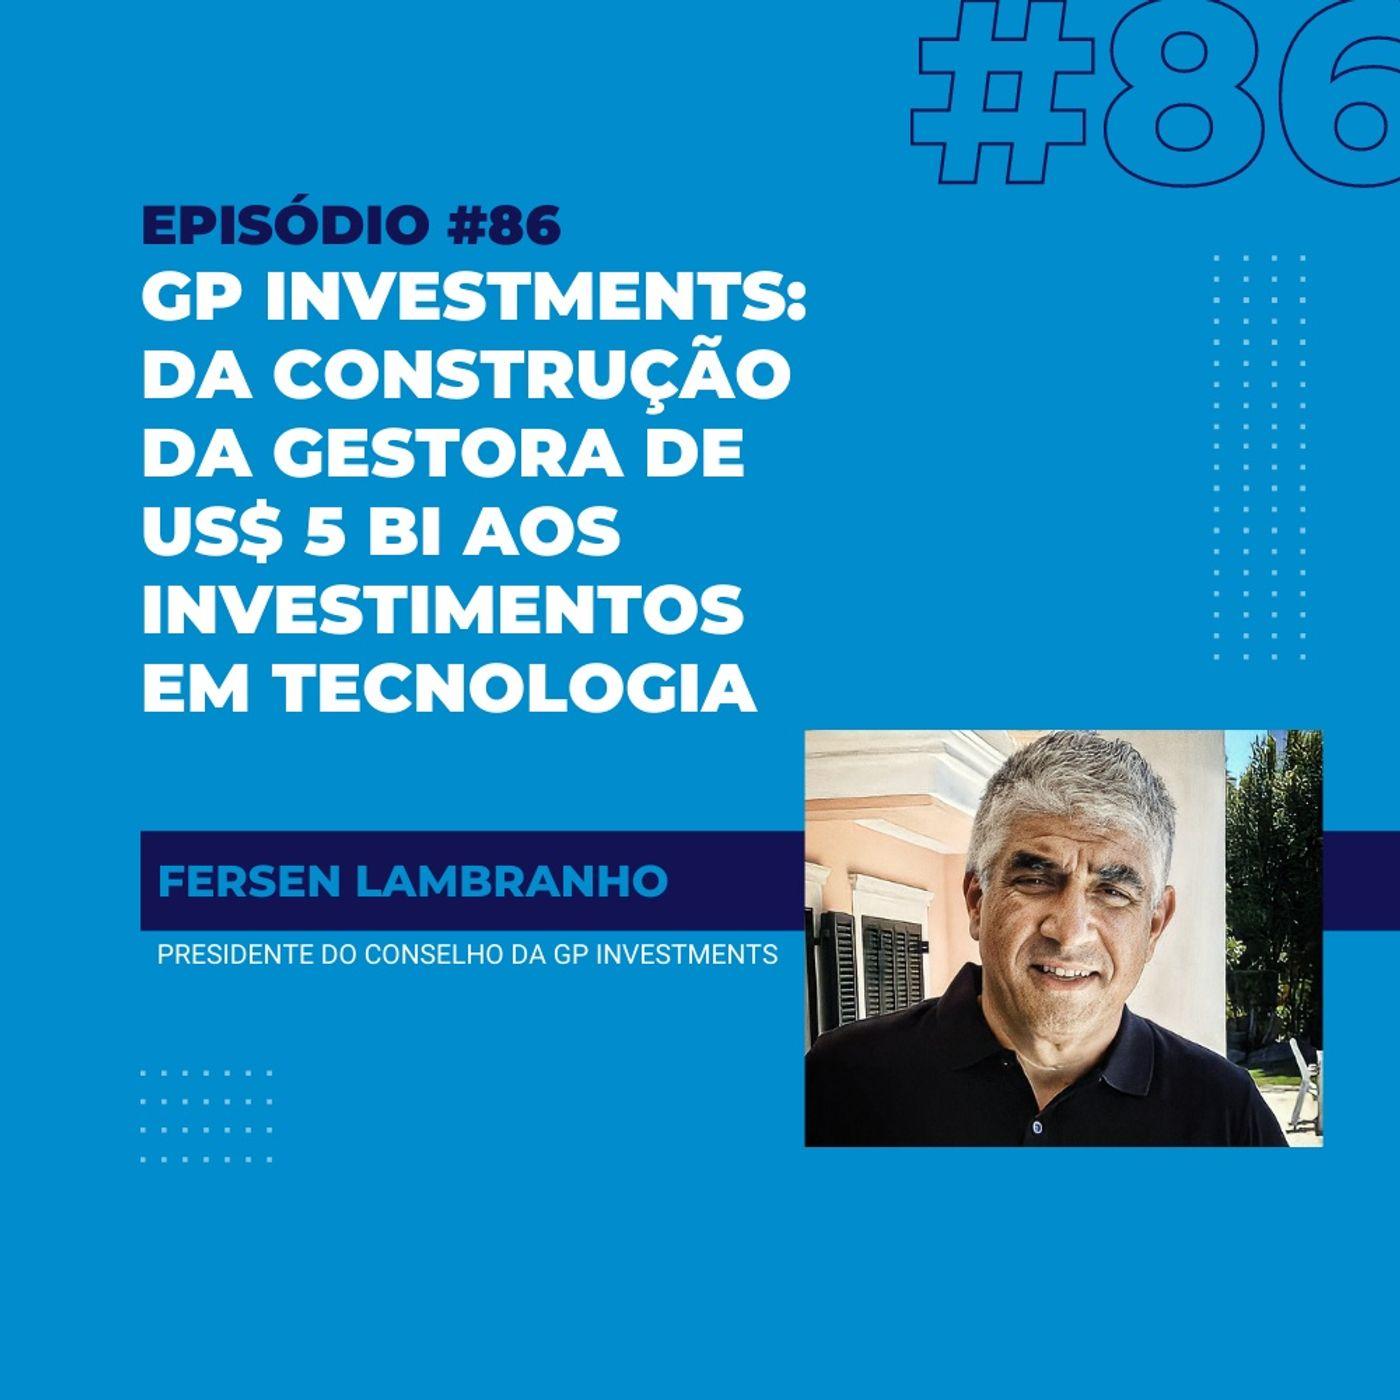 #86 - GP Investments: a construção da gestora de US$ 5 bilhões e os investimentos em tecnologia